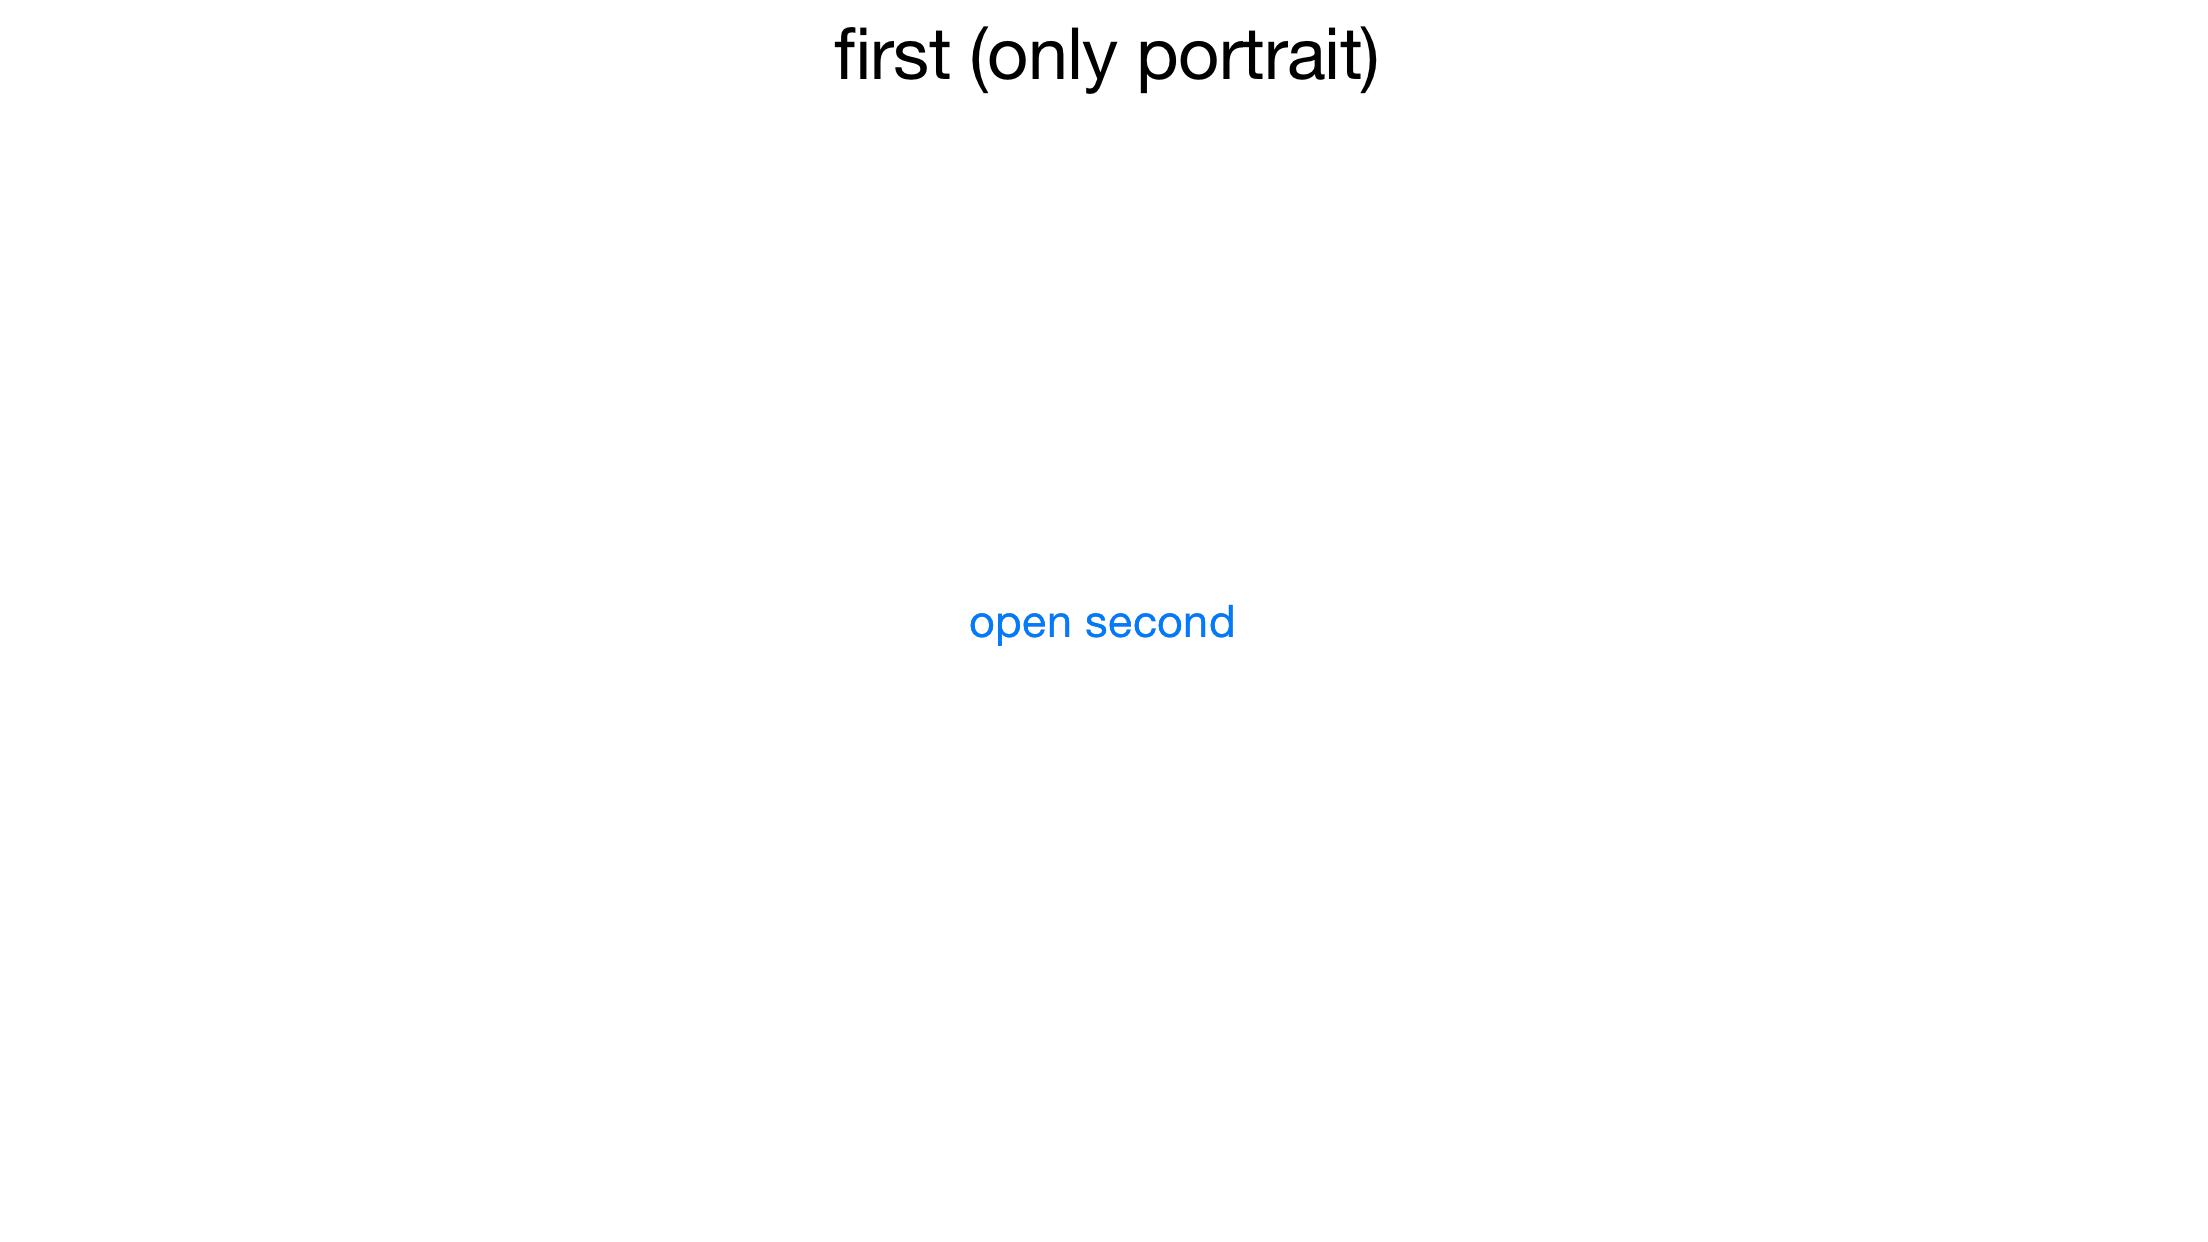 iOS Simulator Screen Shot 2014.10.07 16.54.10.png